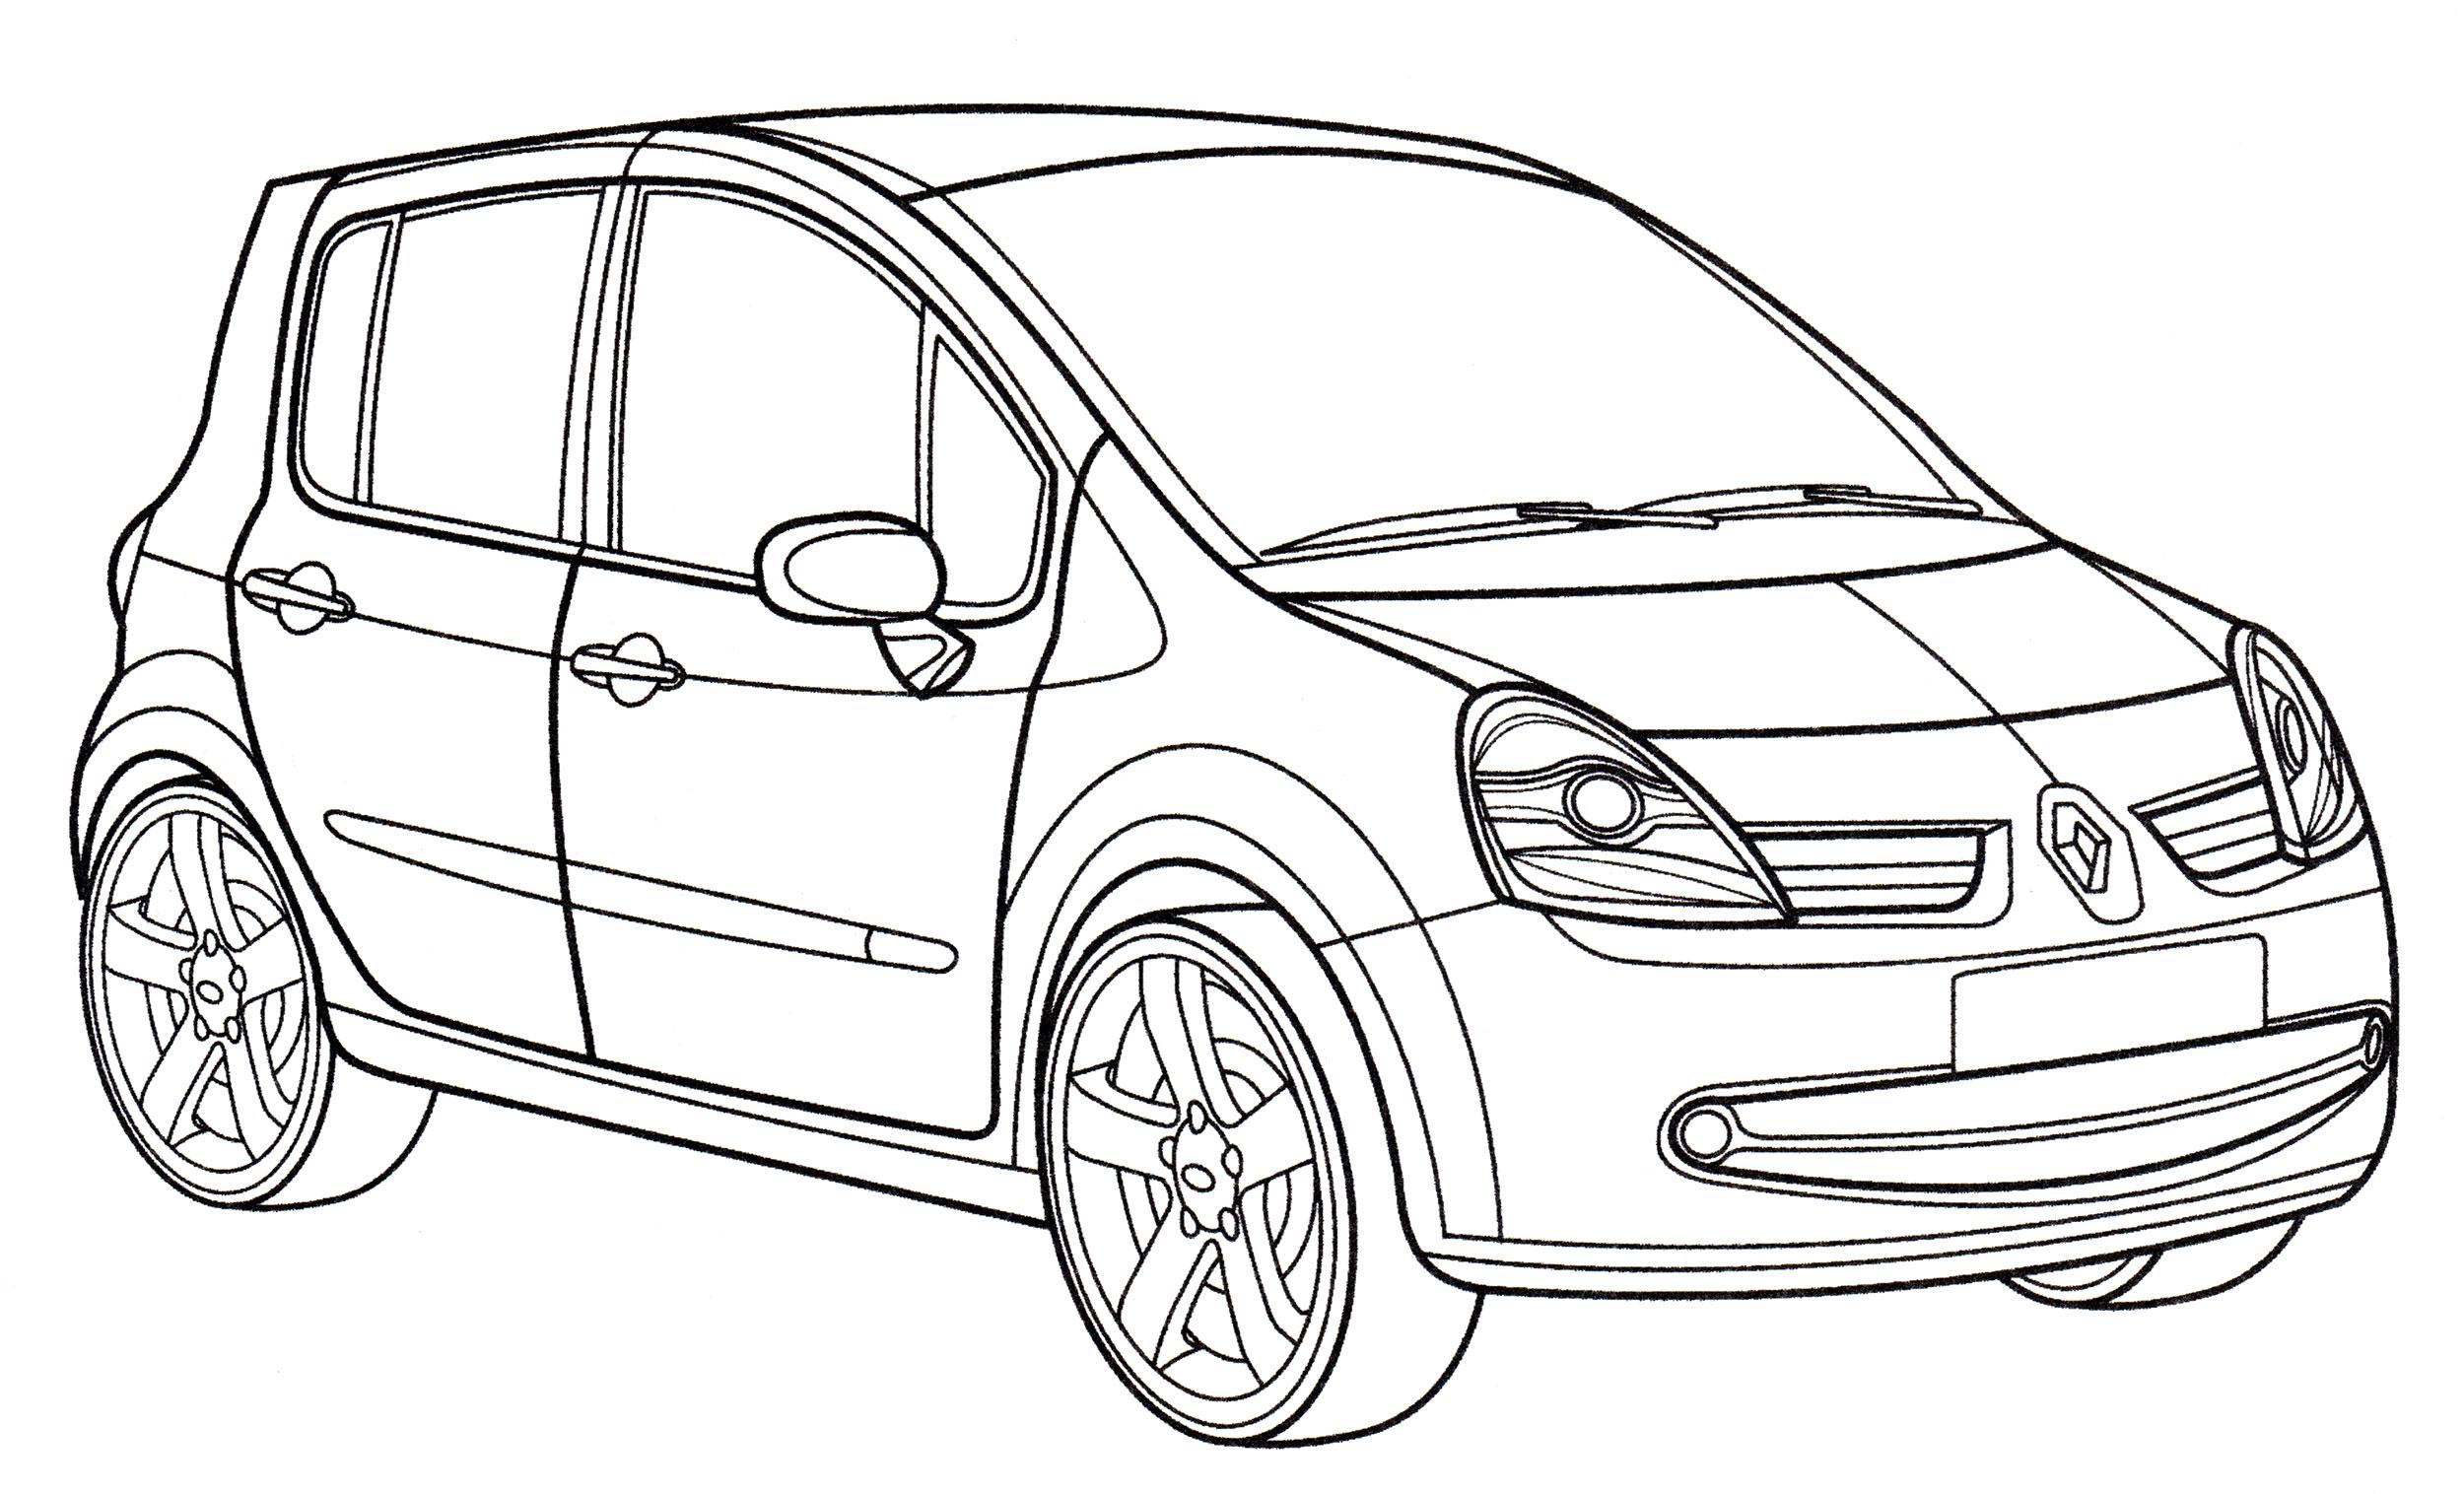 Раскраска Renault Modus - распечатать бесплатно